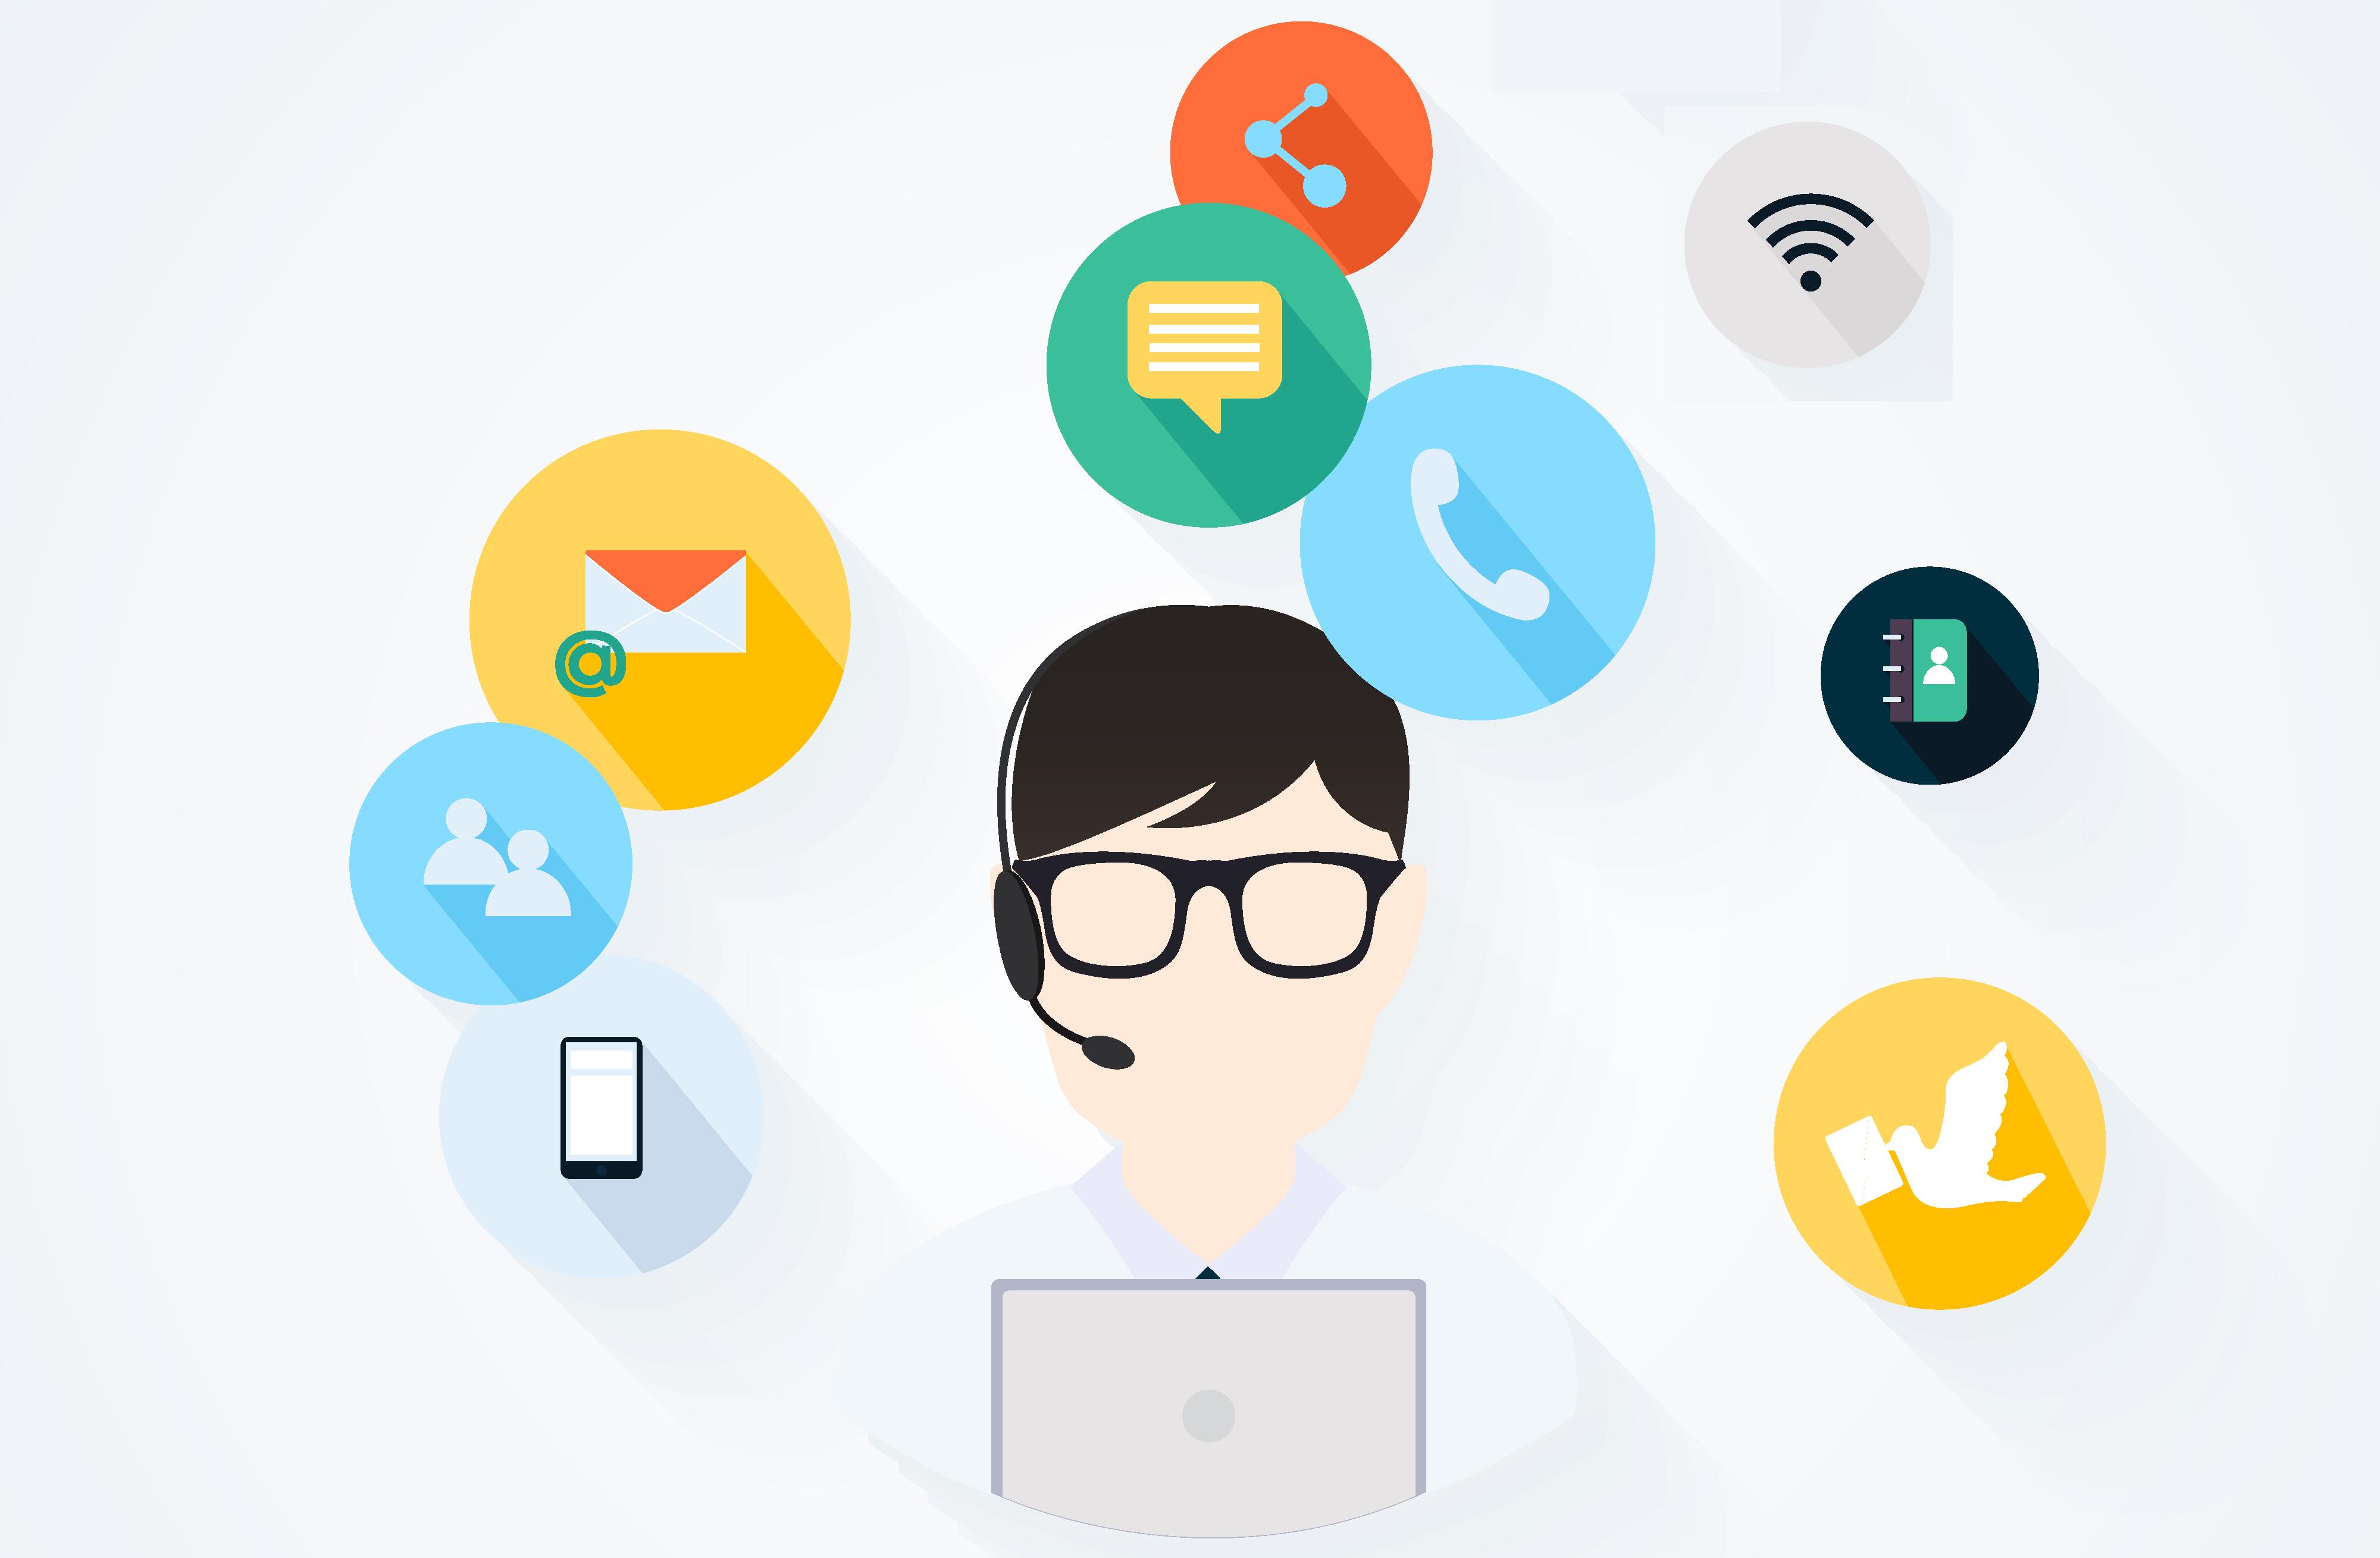 teknik forex sebenarnya dukungan pelanggan